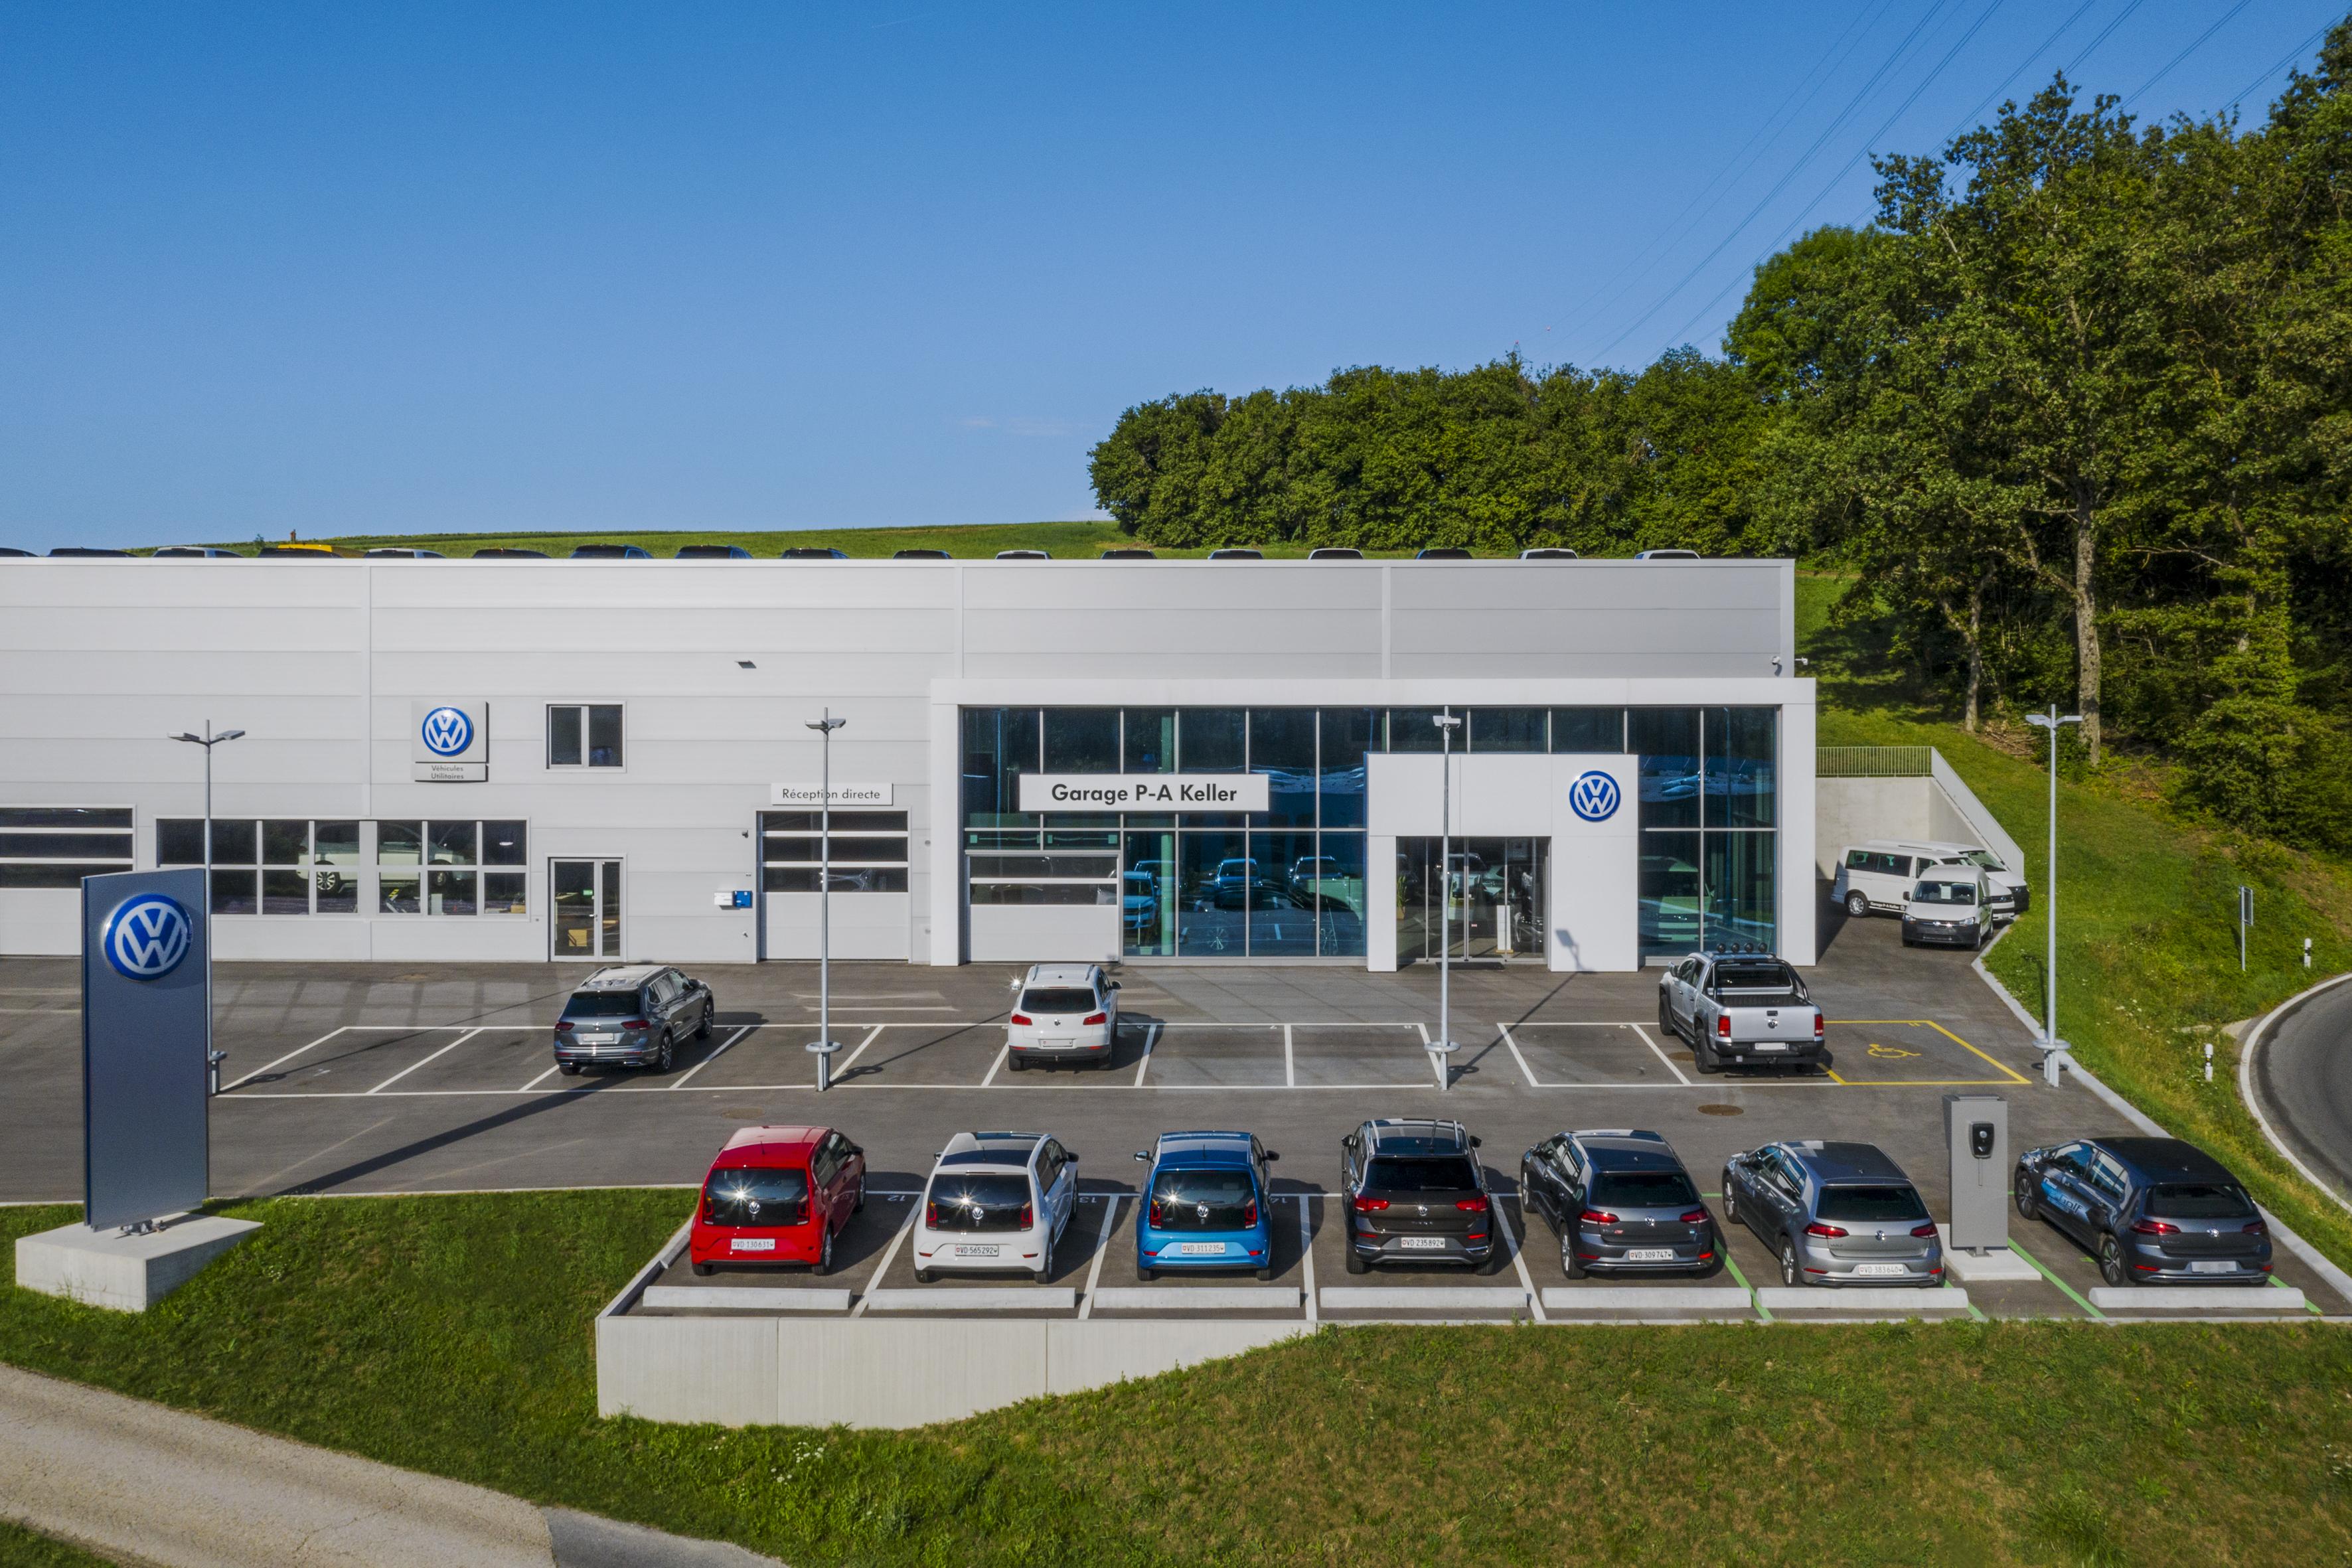 VW P-A Keller